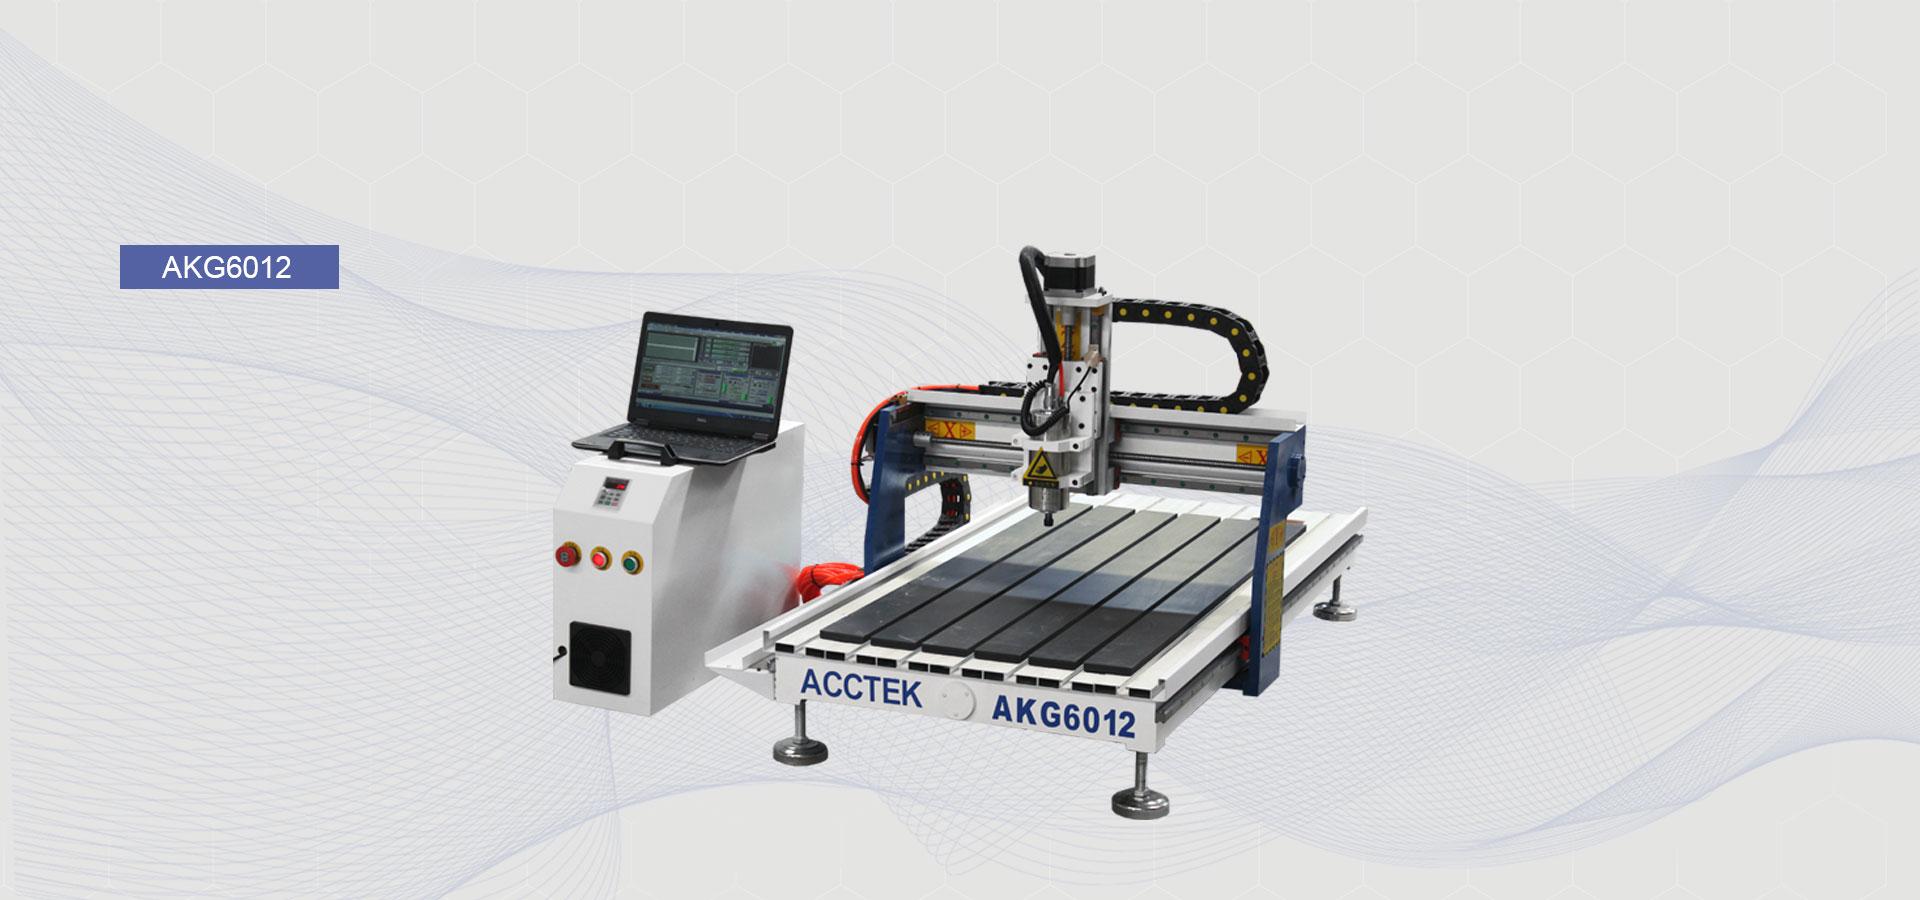 AKG6012